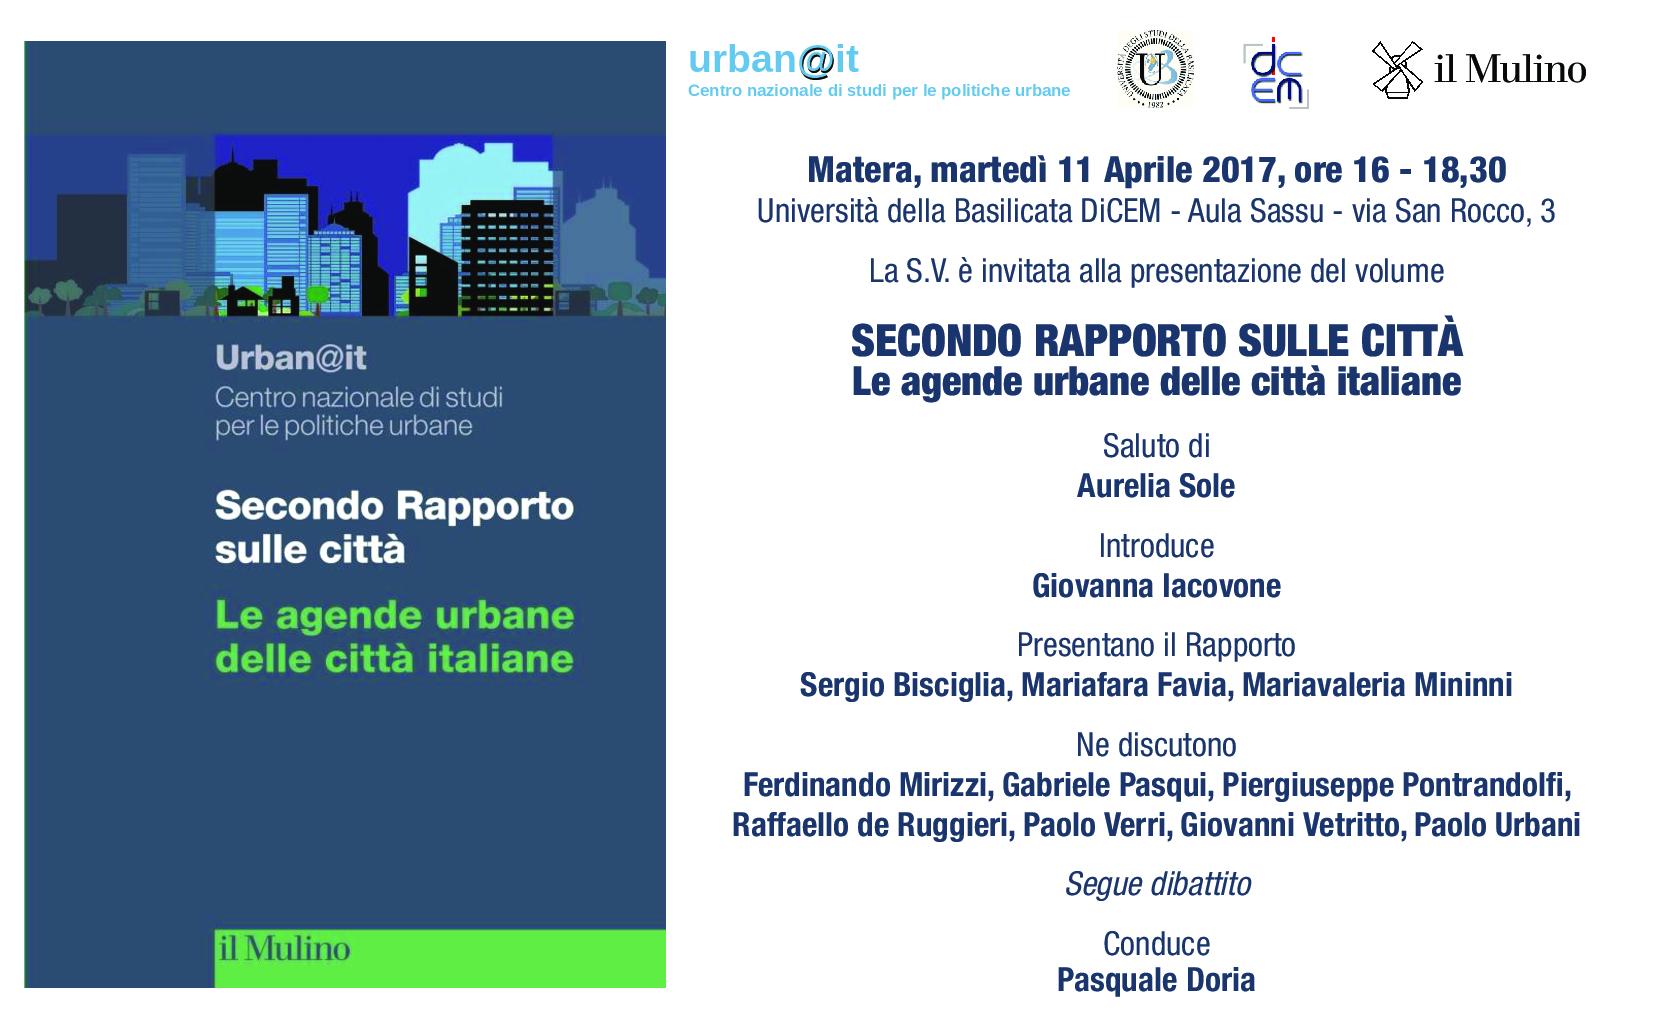 inviti-Matera-aprile-2017